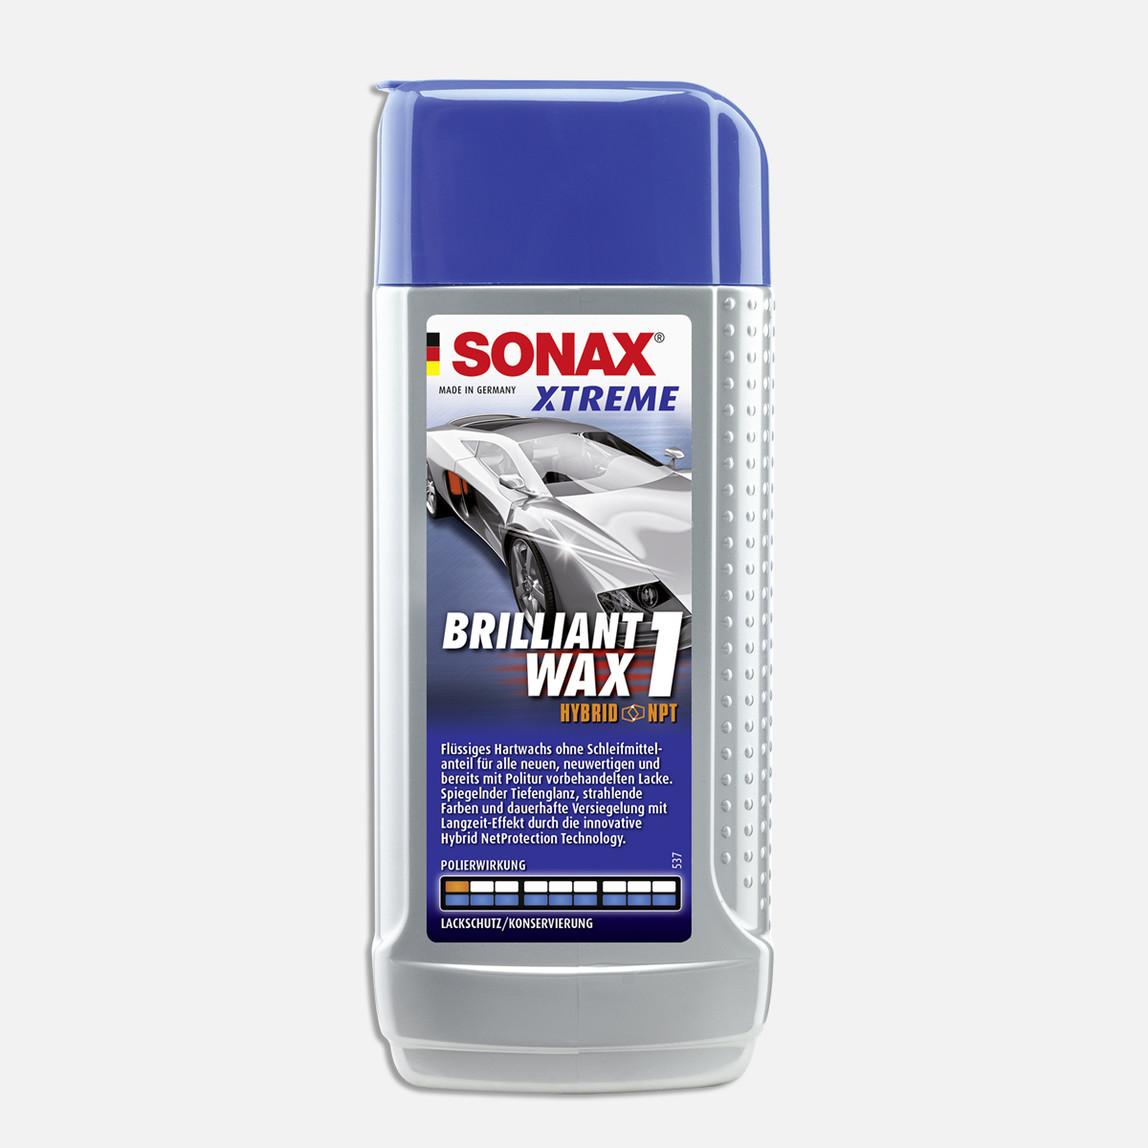 Sonax Xtreme Çizik Giderici ve Parlatıcı Cila (Hybrid NPT) Yeni Araçlar İçin 250 ml Parlatıcı1